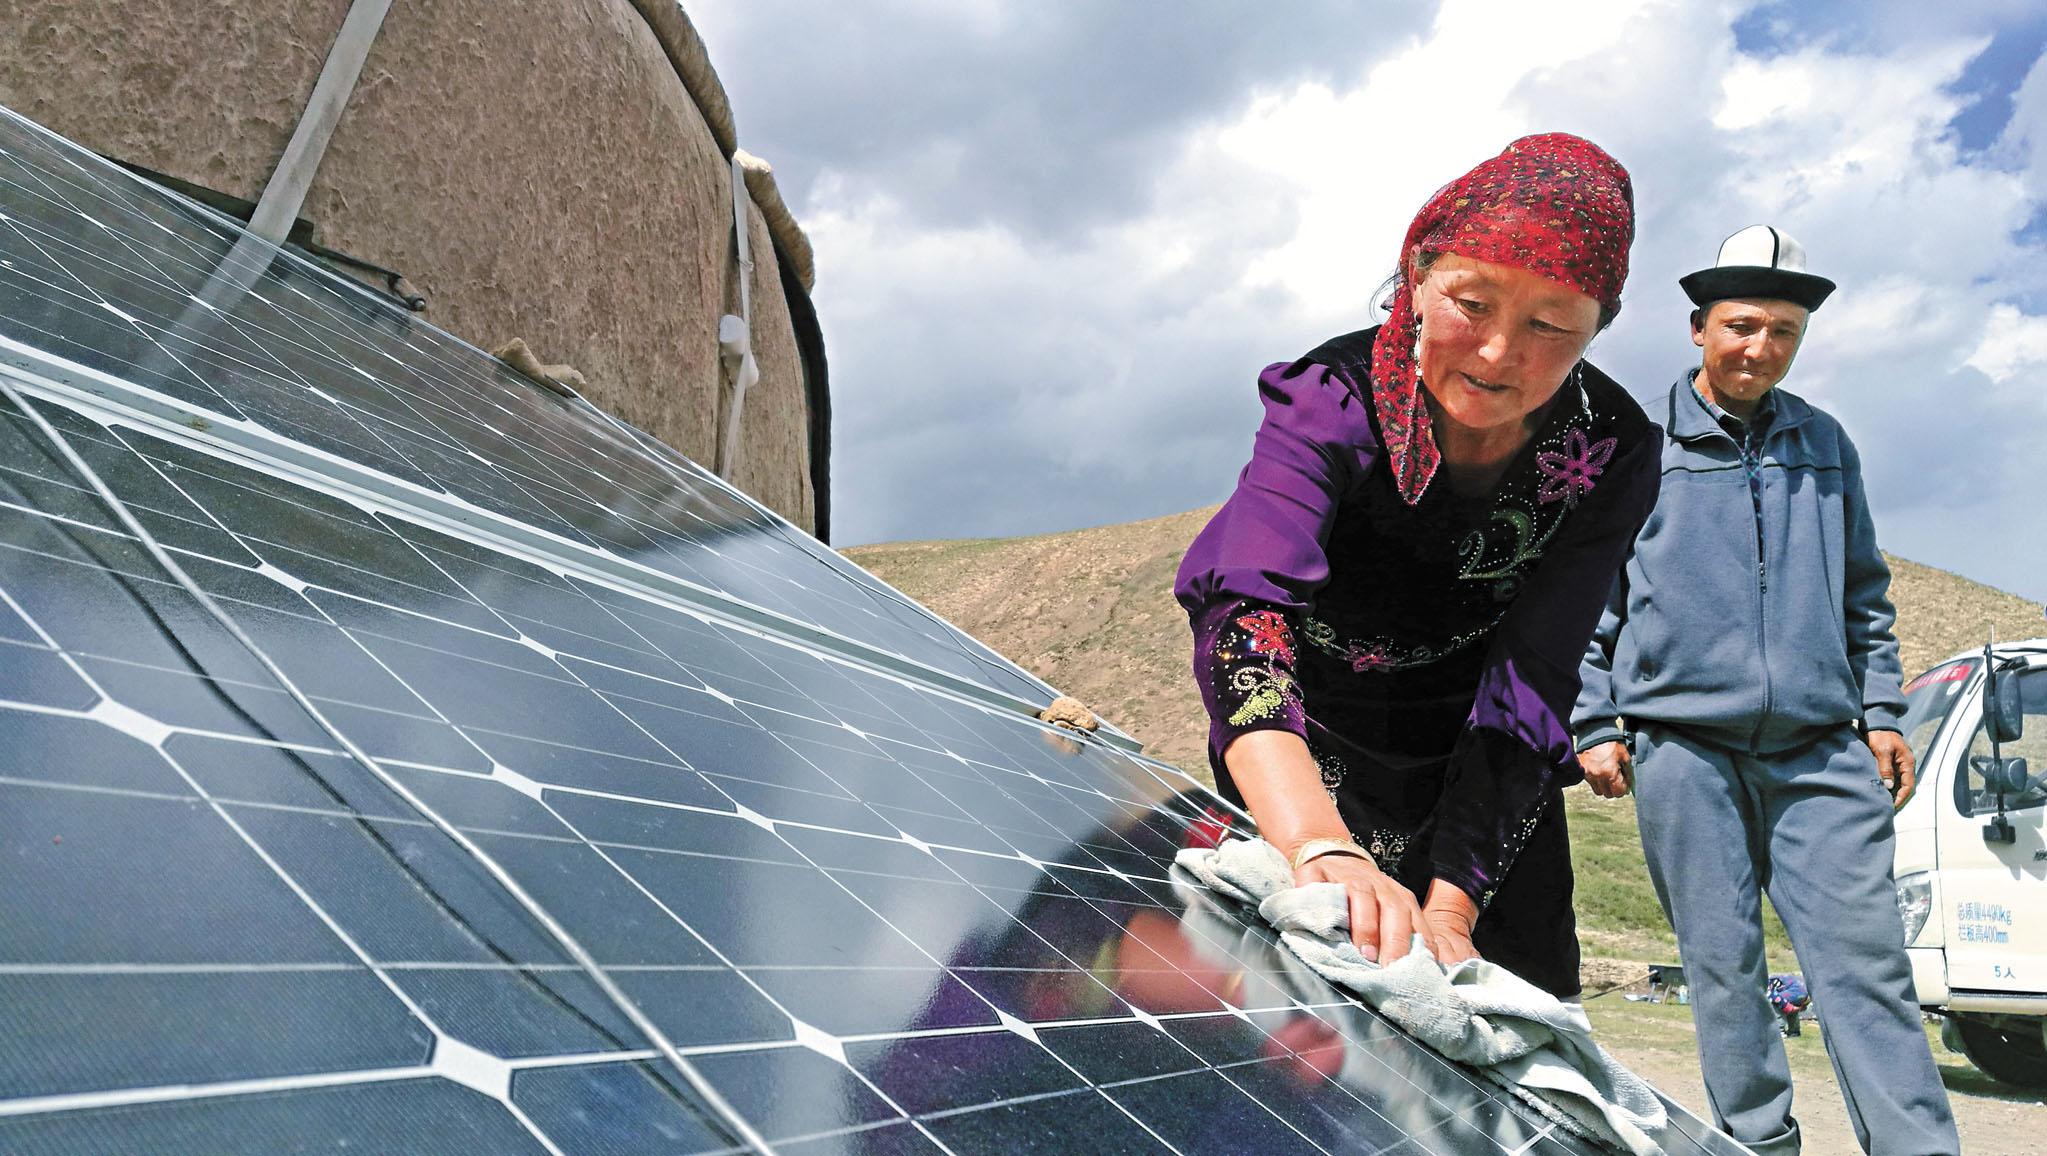 ■多晶矽是製造太陽能板的重要材料。圖為在新疆一牧業點,牧民擦拭光伏板。 資料圖片